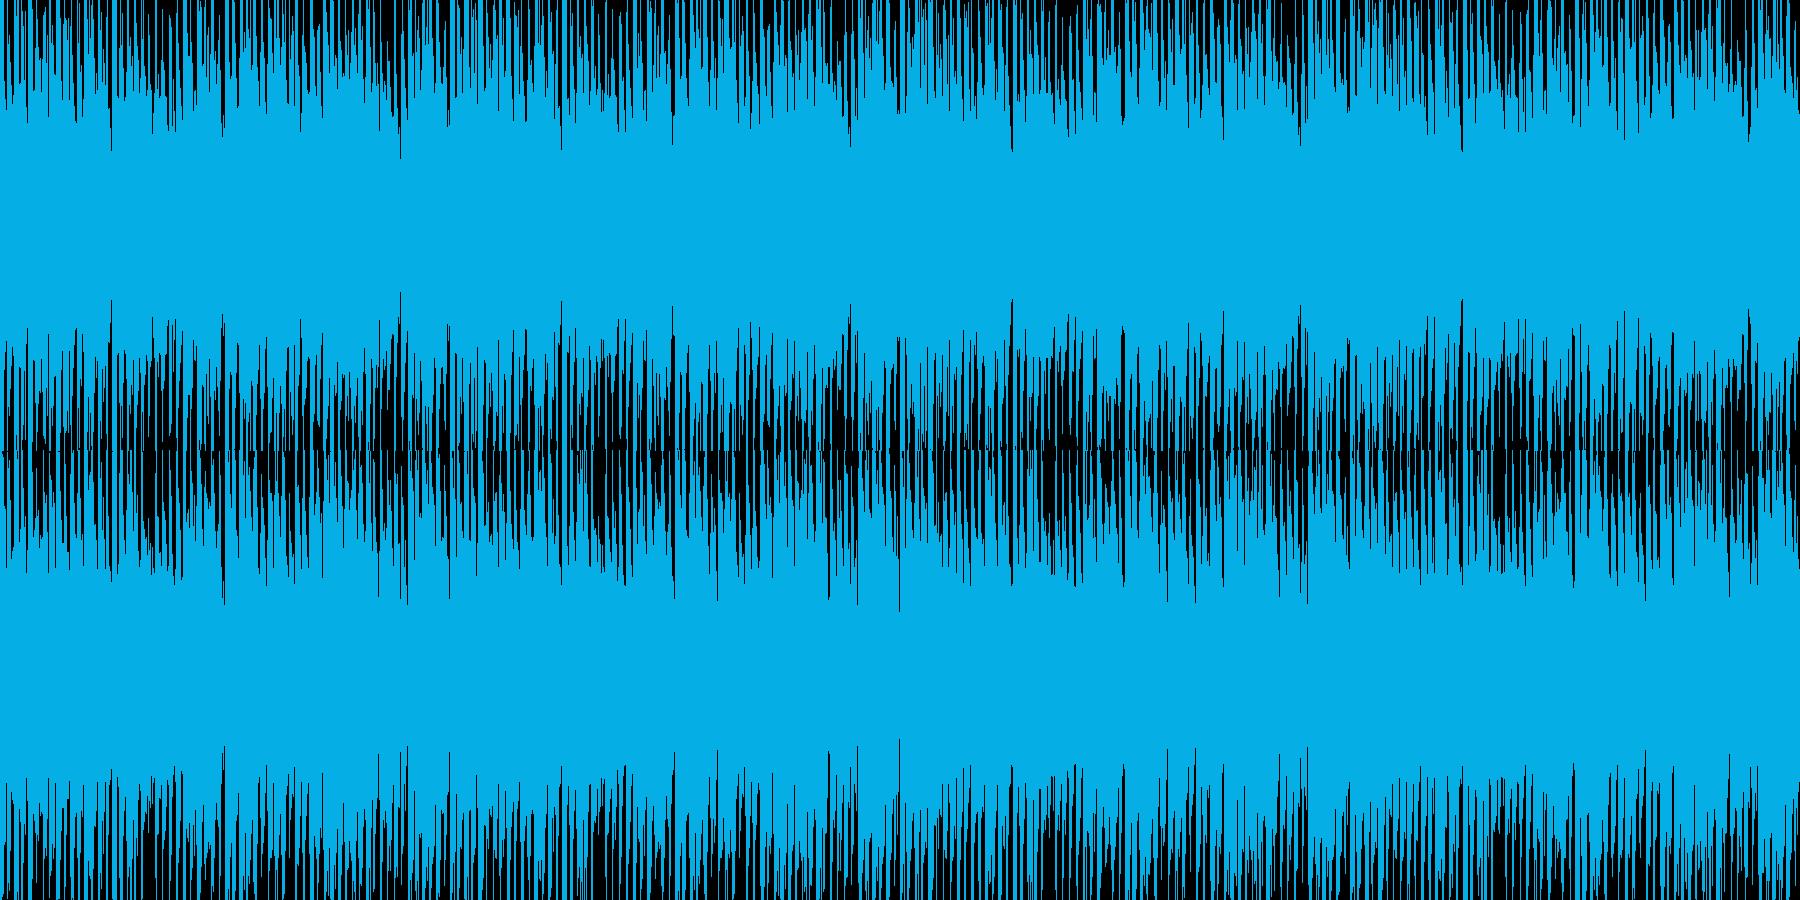 幻想的でリズミカルなループ素材の再生済みの波形